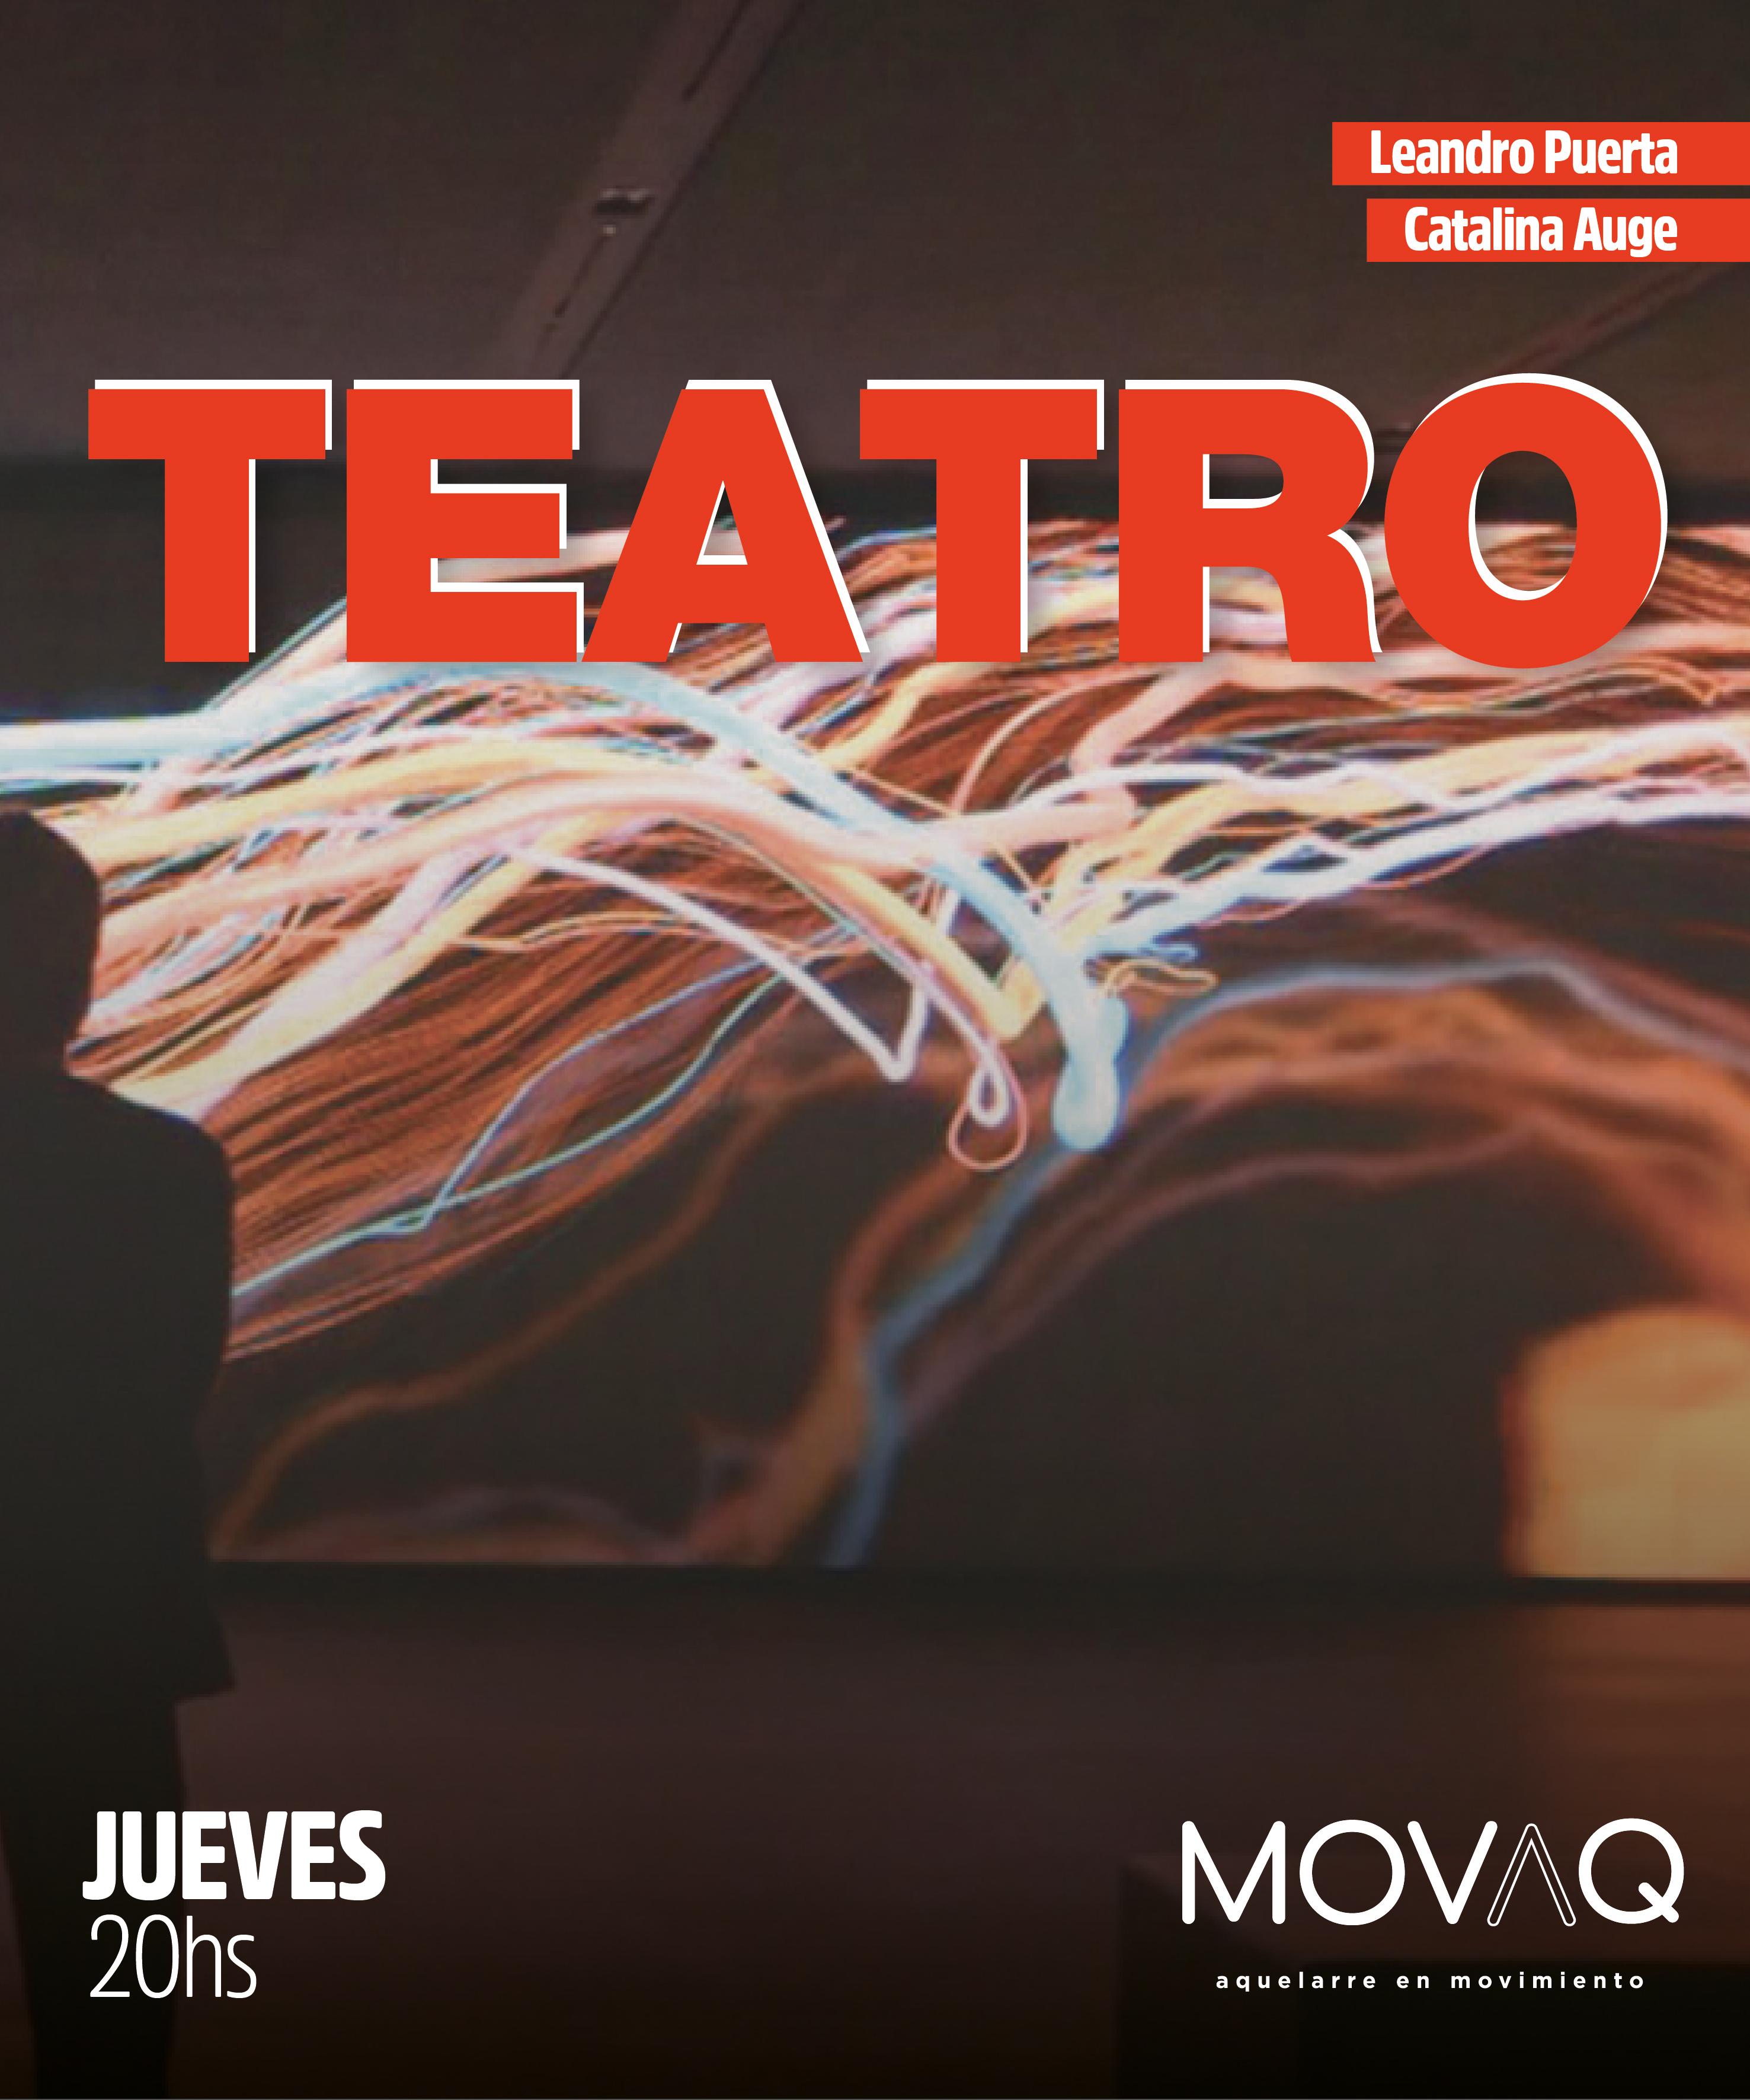 Teatro Leandro Puerta y Catalina Auge